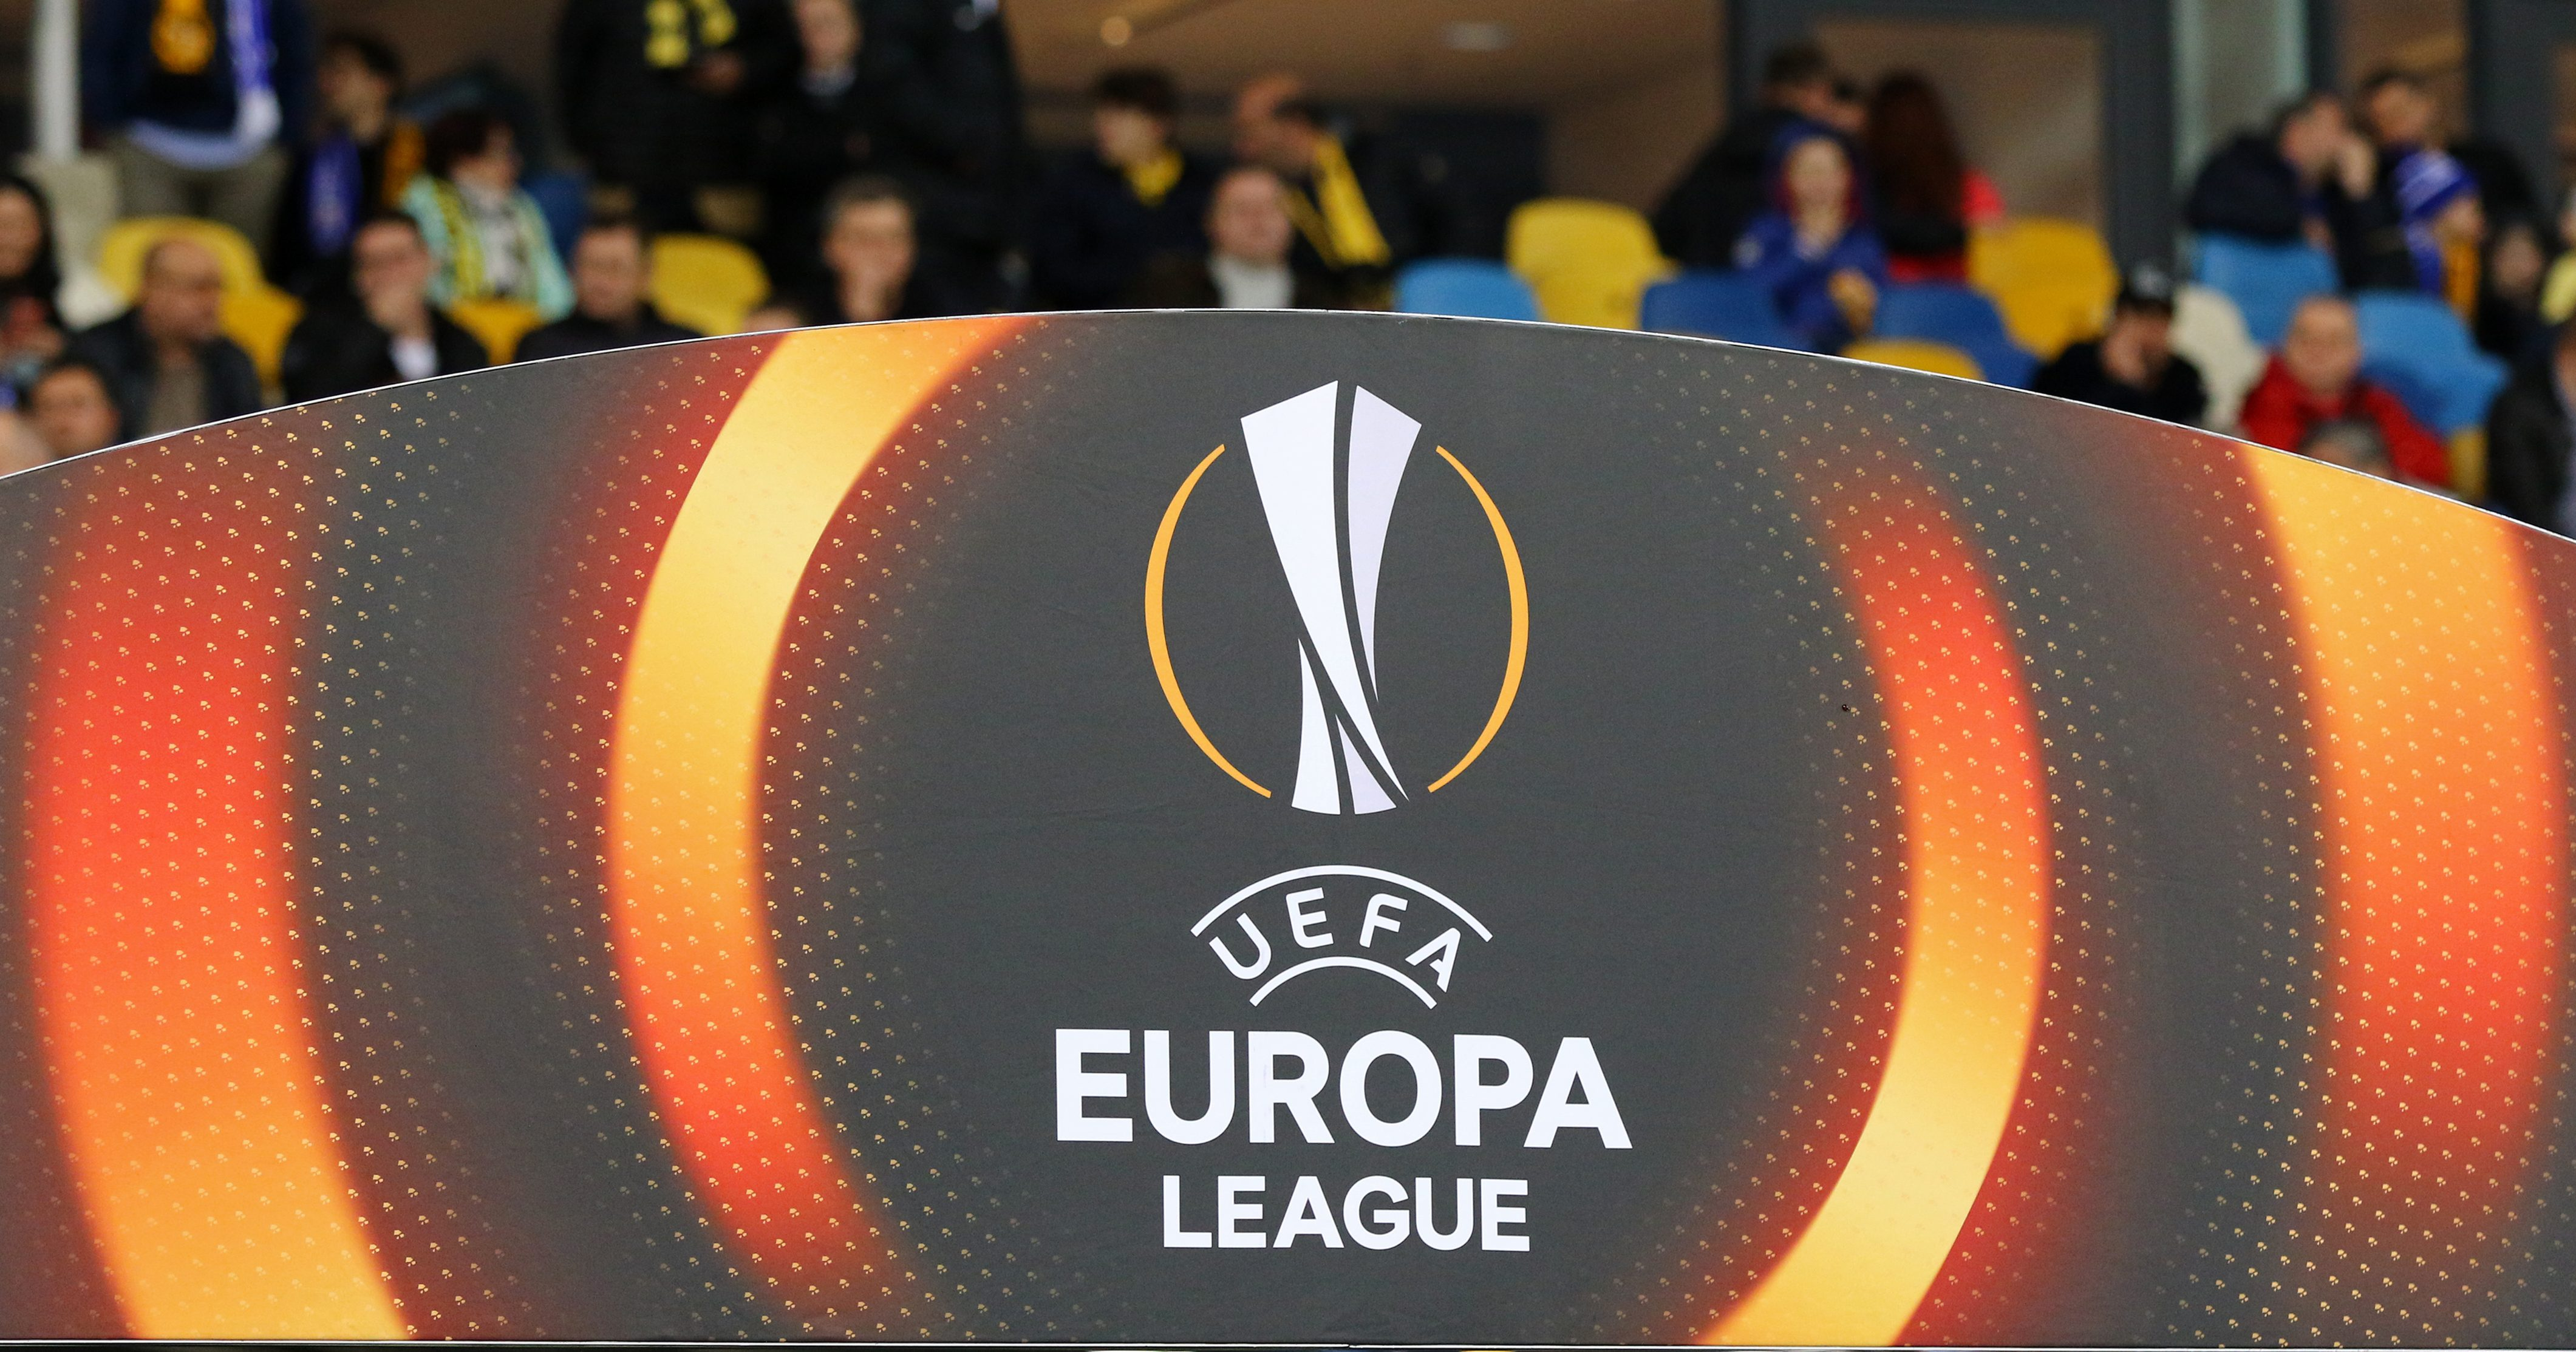 Жеребьевка ½ финала Лиги Европы начнется в14:00